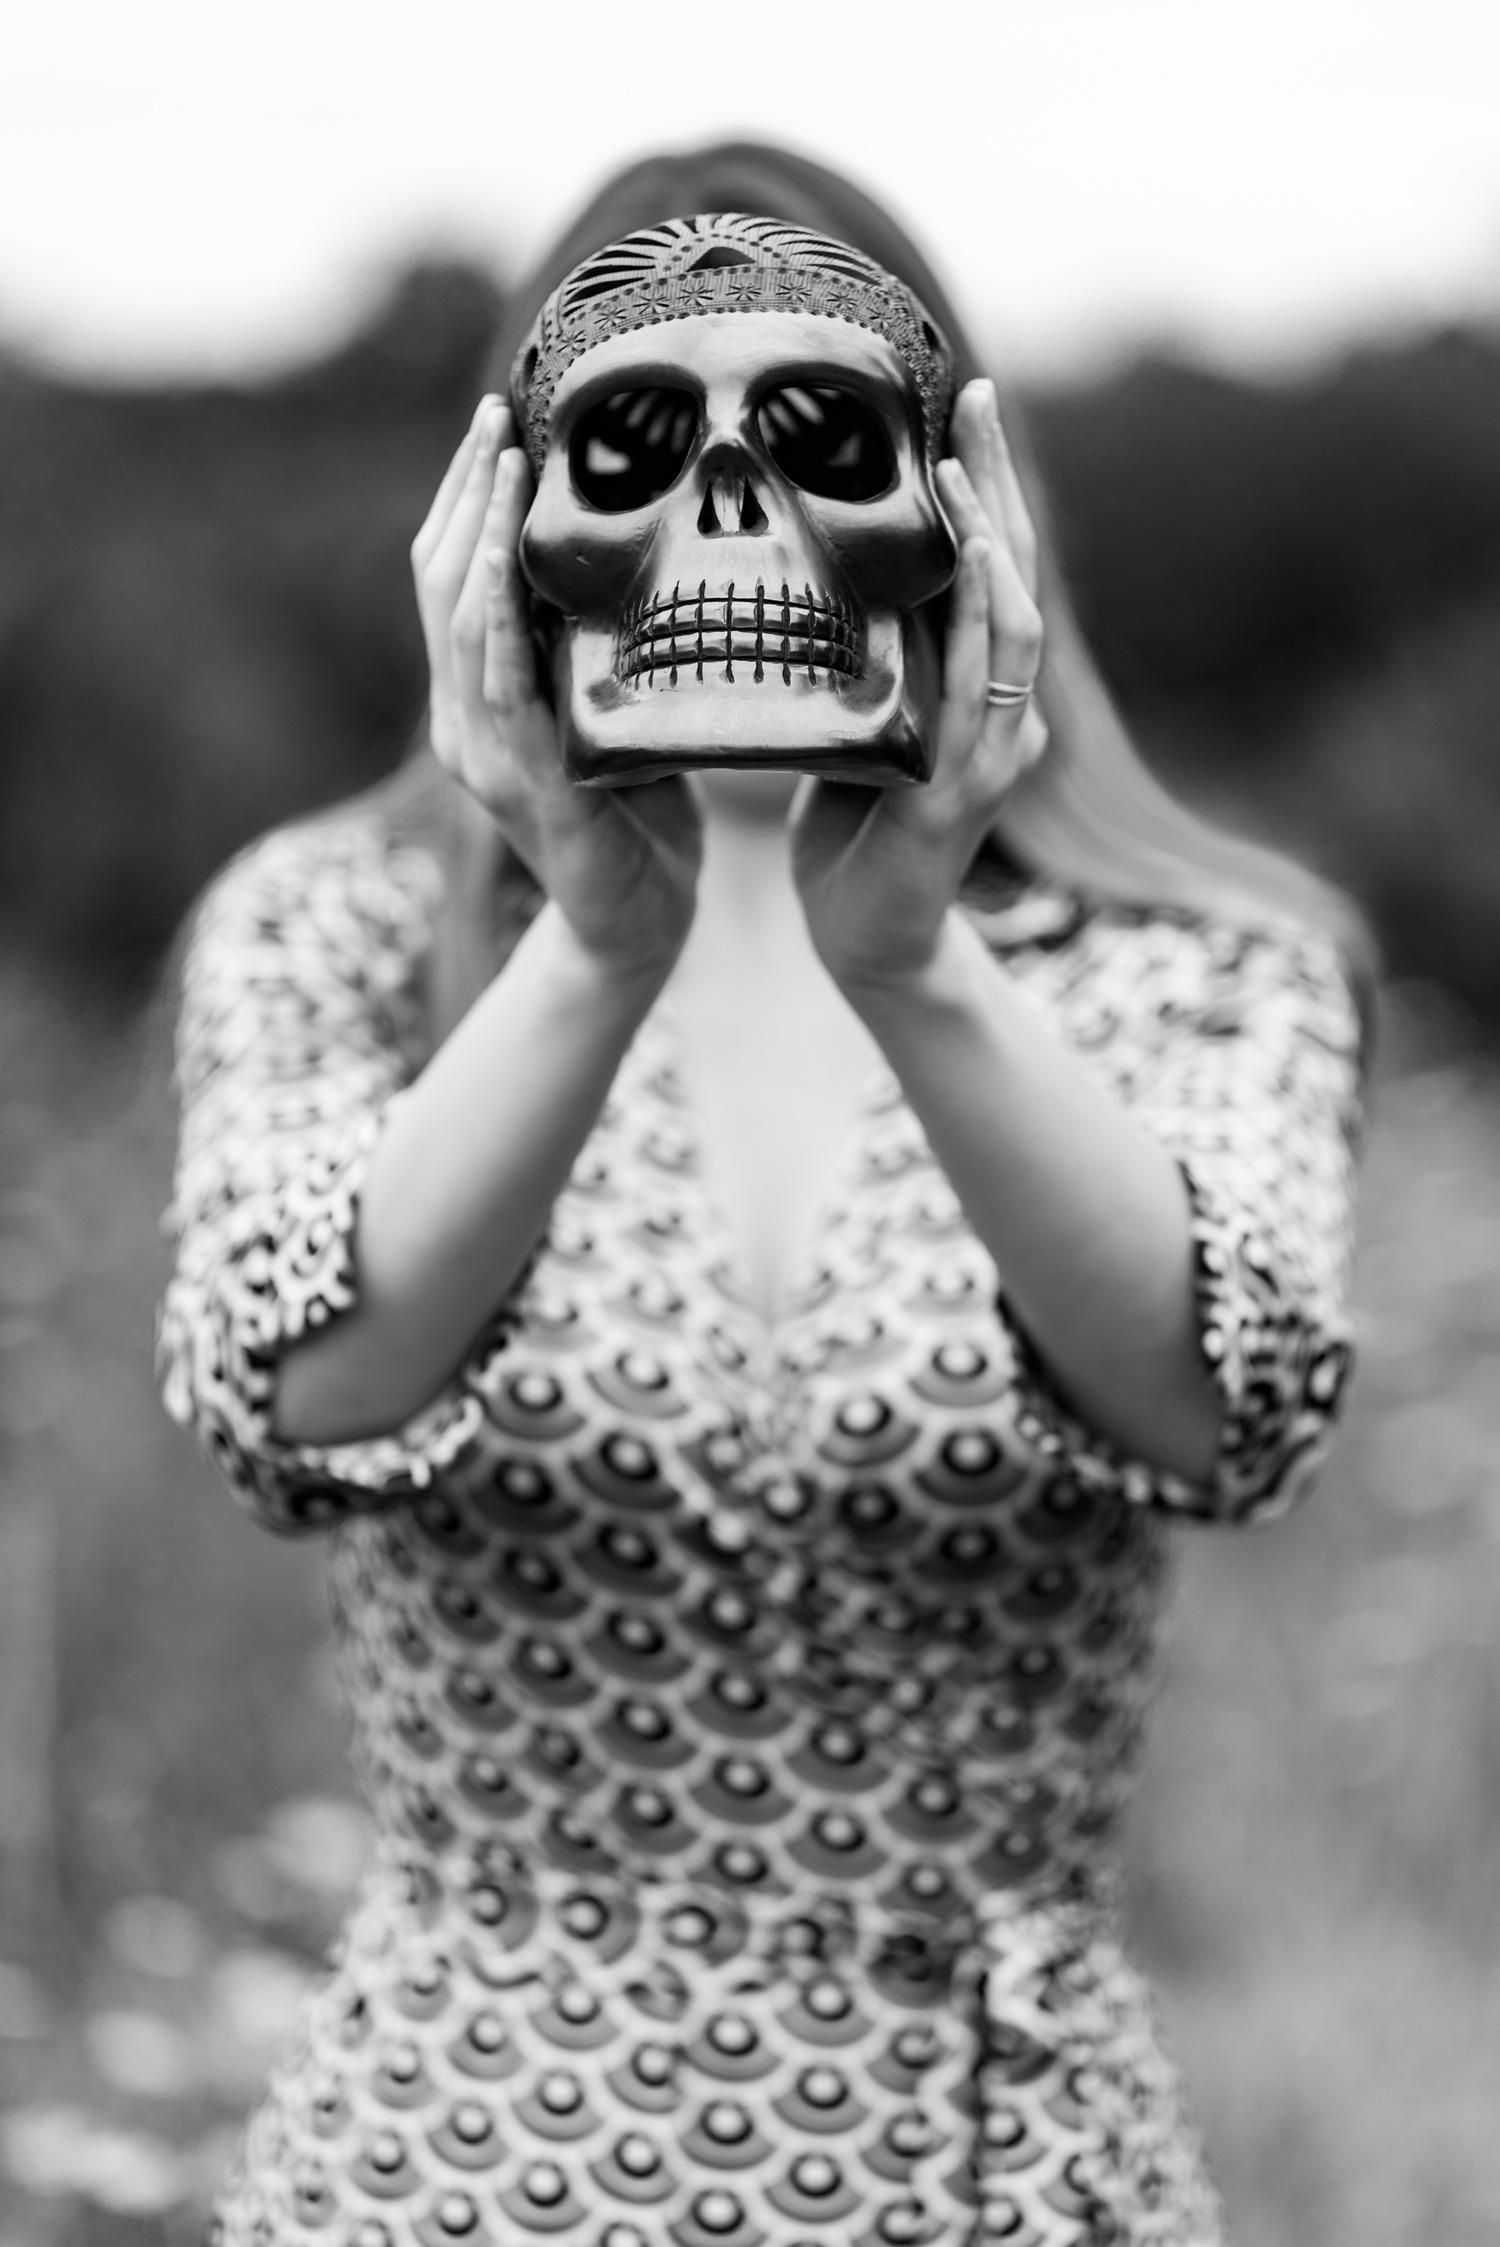 death.david-taffet-563064-unsplash.jpg